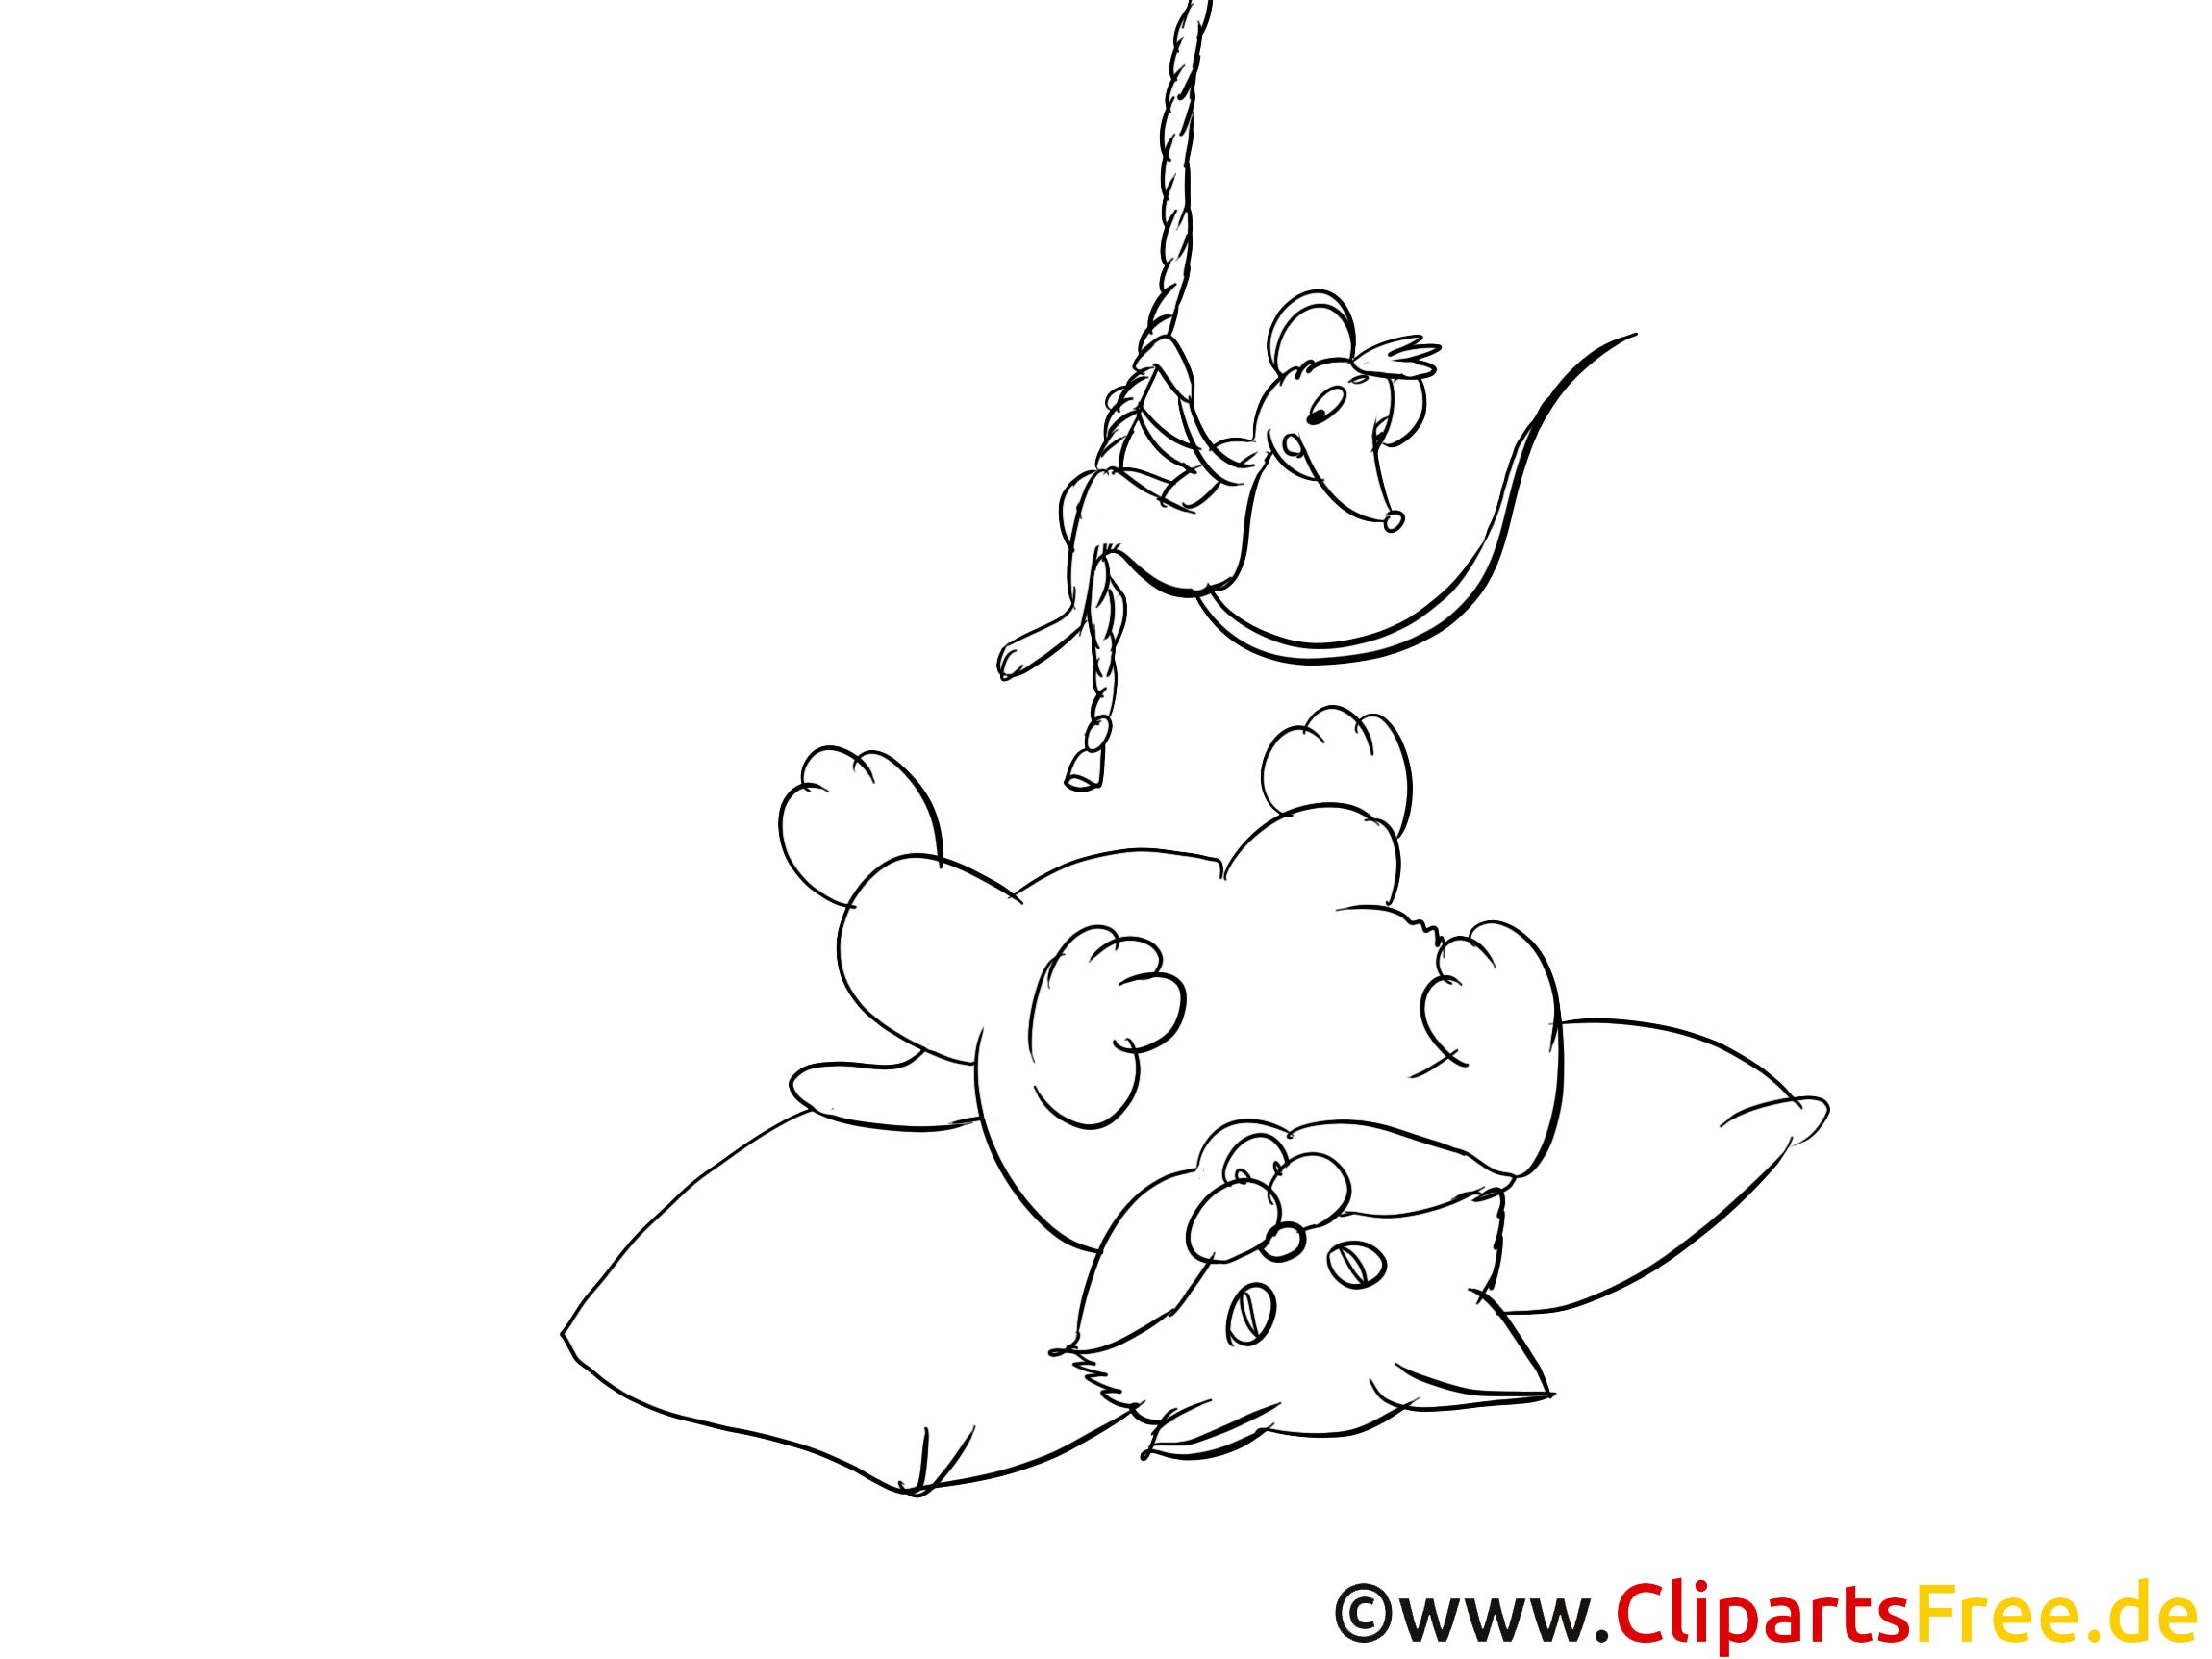 Katze und Maus Bild zum Ausmalen